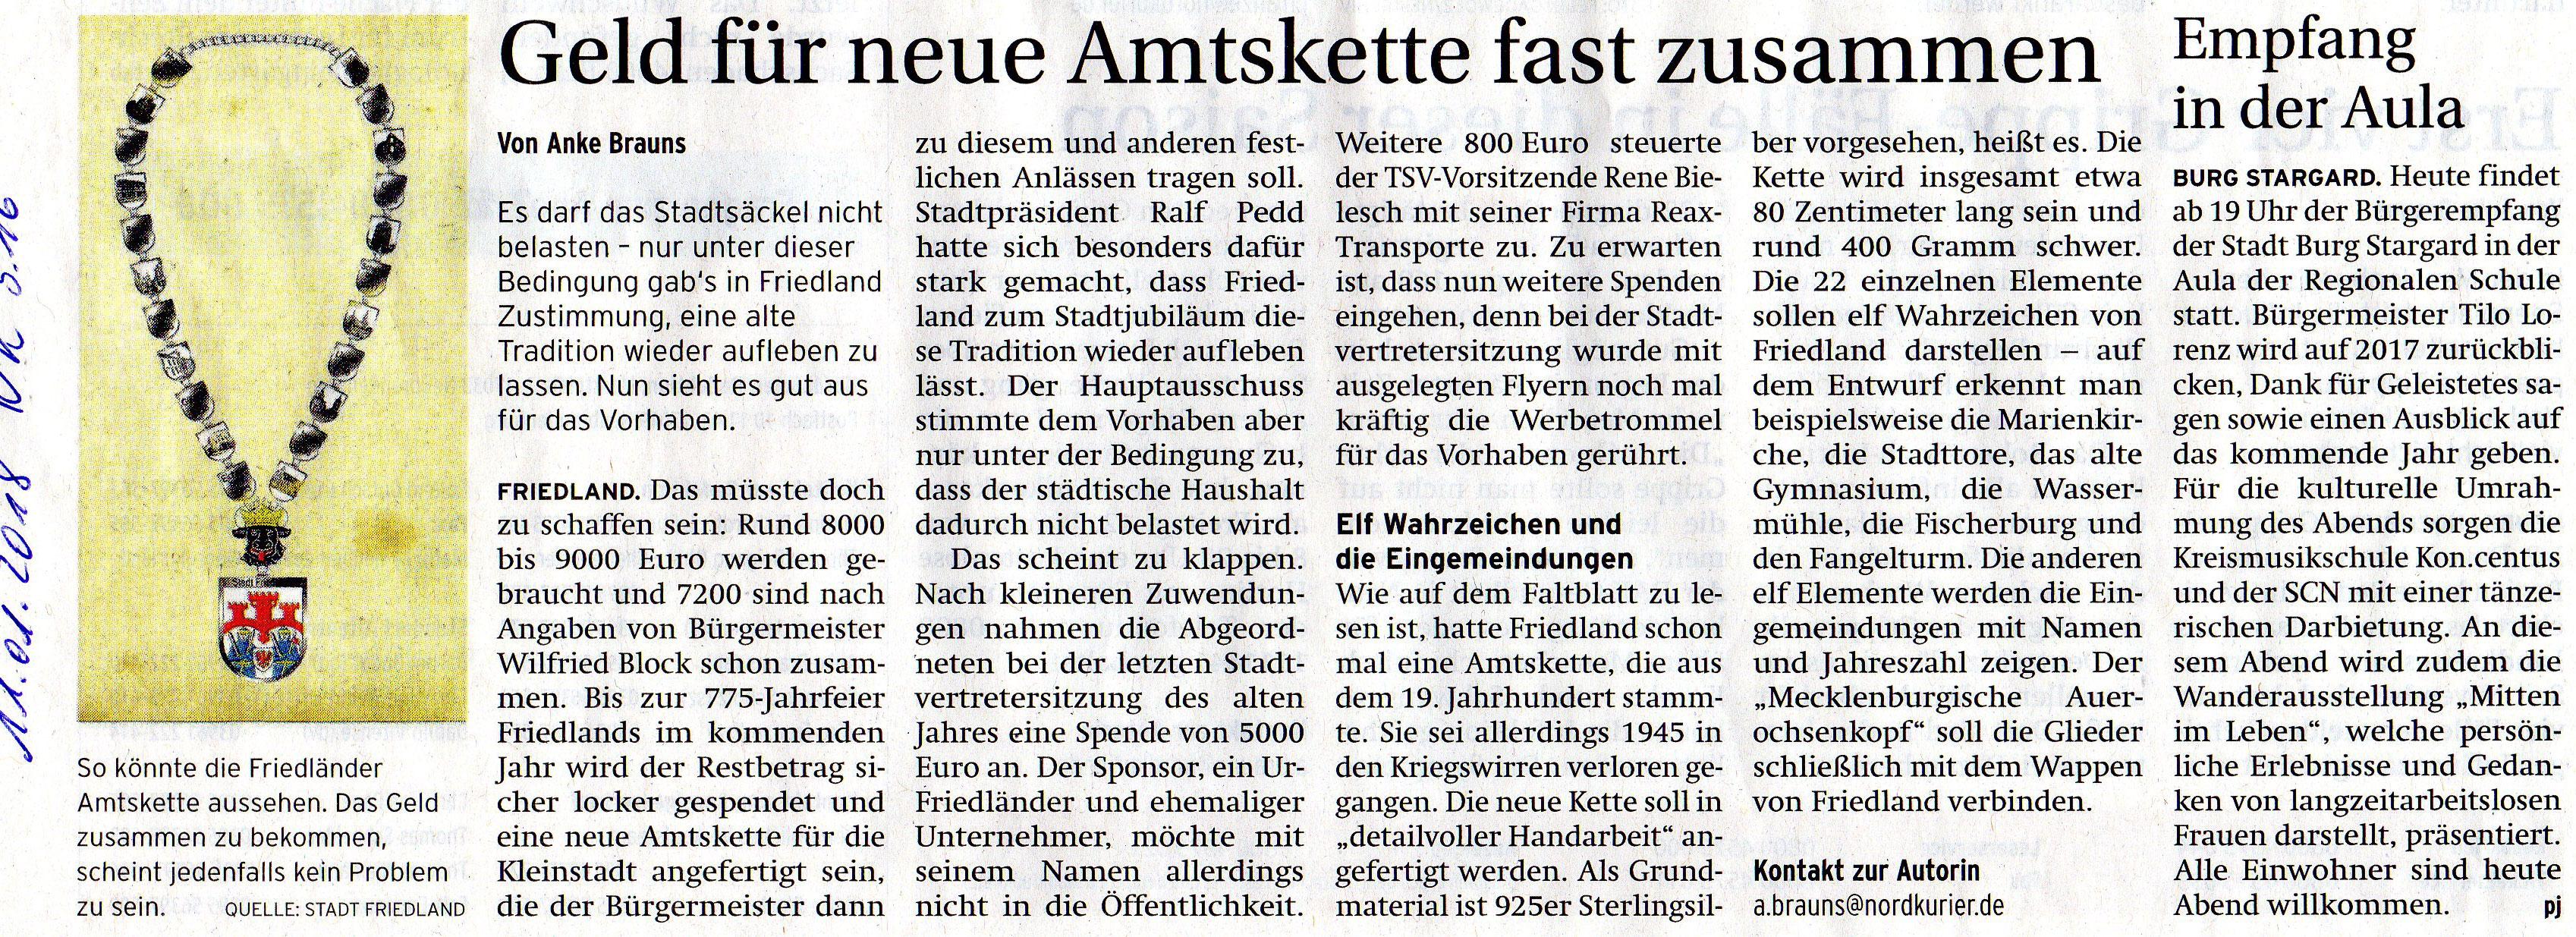 Bürgermeisterkette Friedland MecklenburgVorpommern